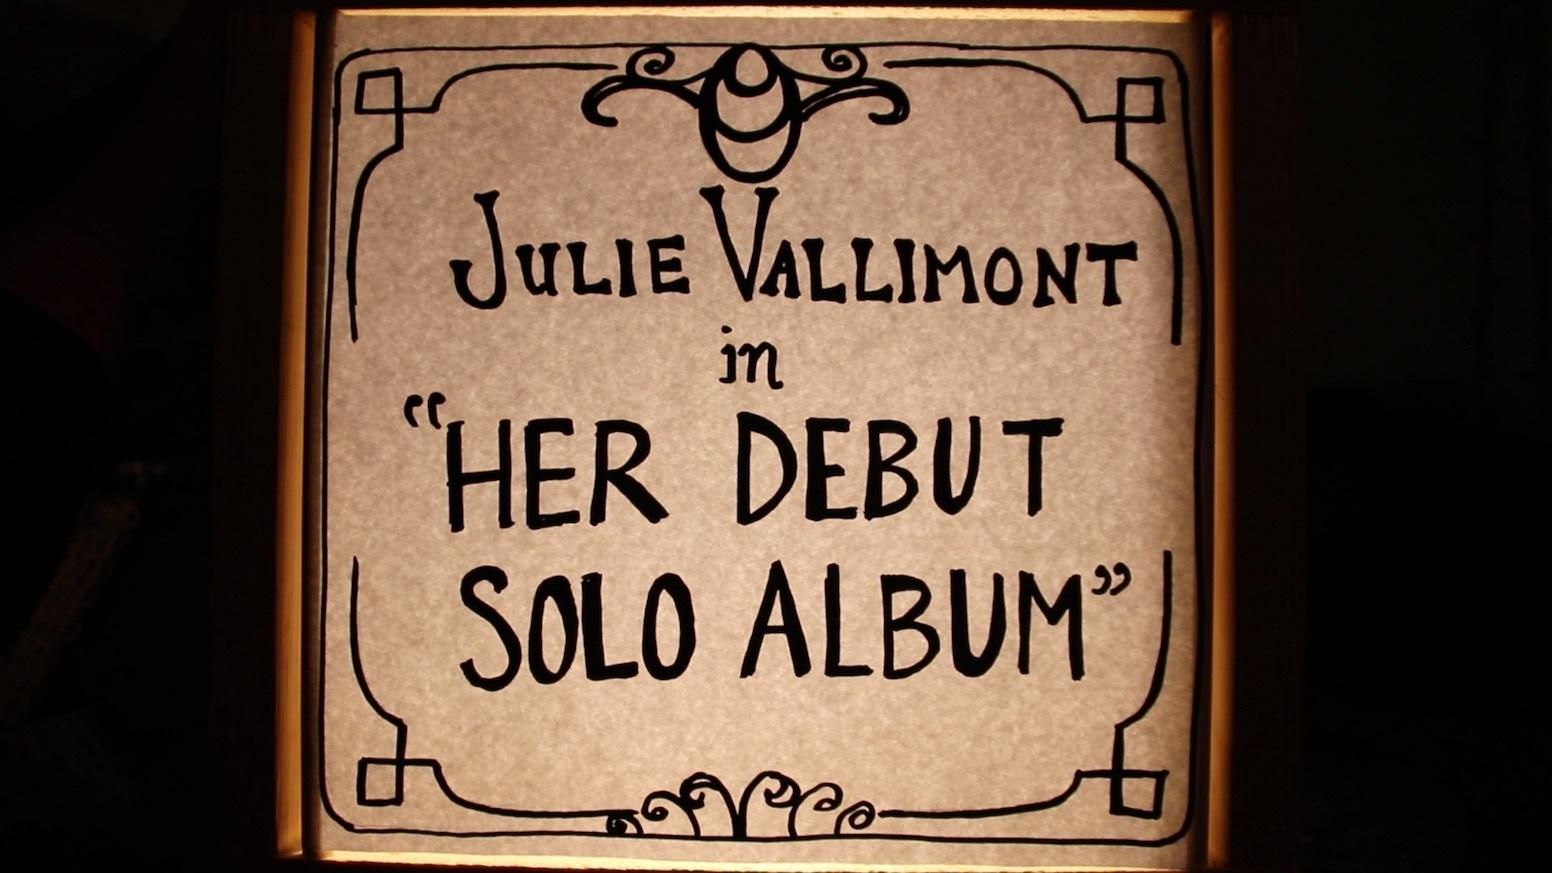 Julie Vallimont is recording a solo album!